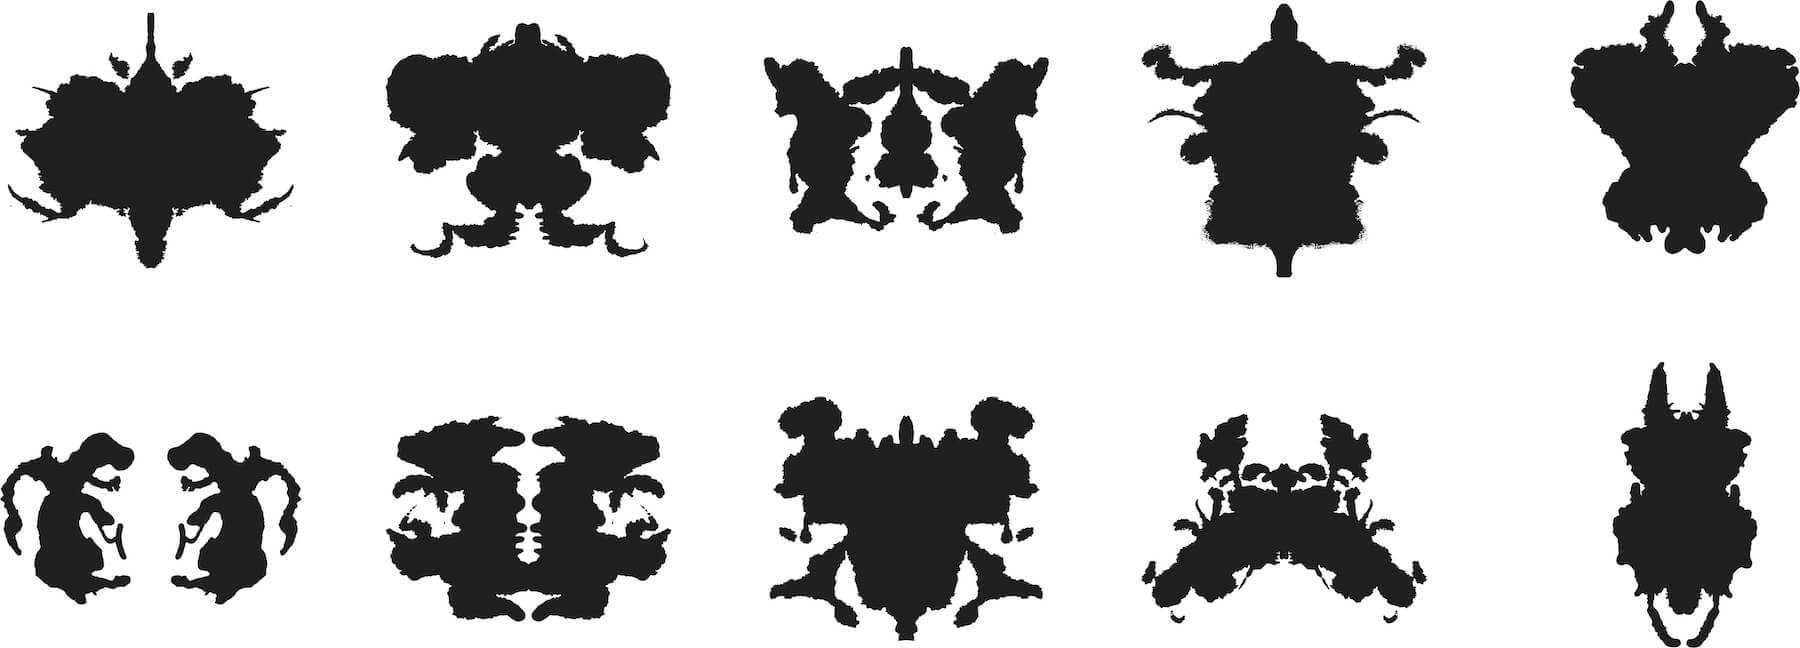 test de Rorschach psicología